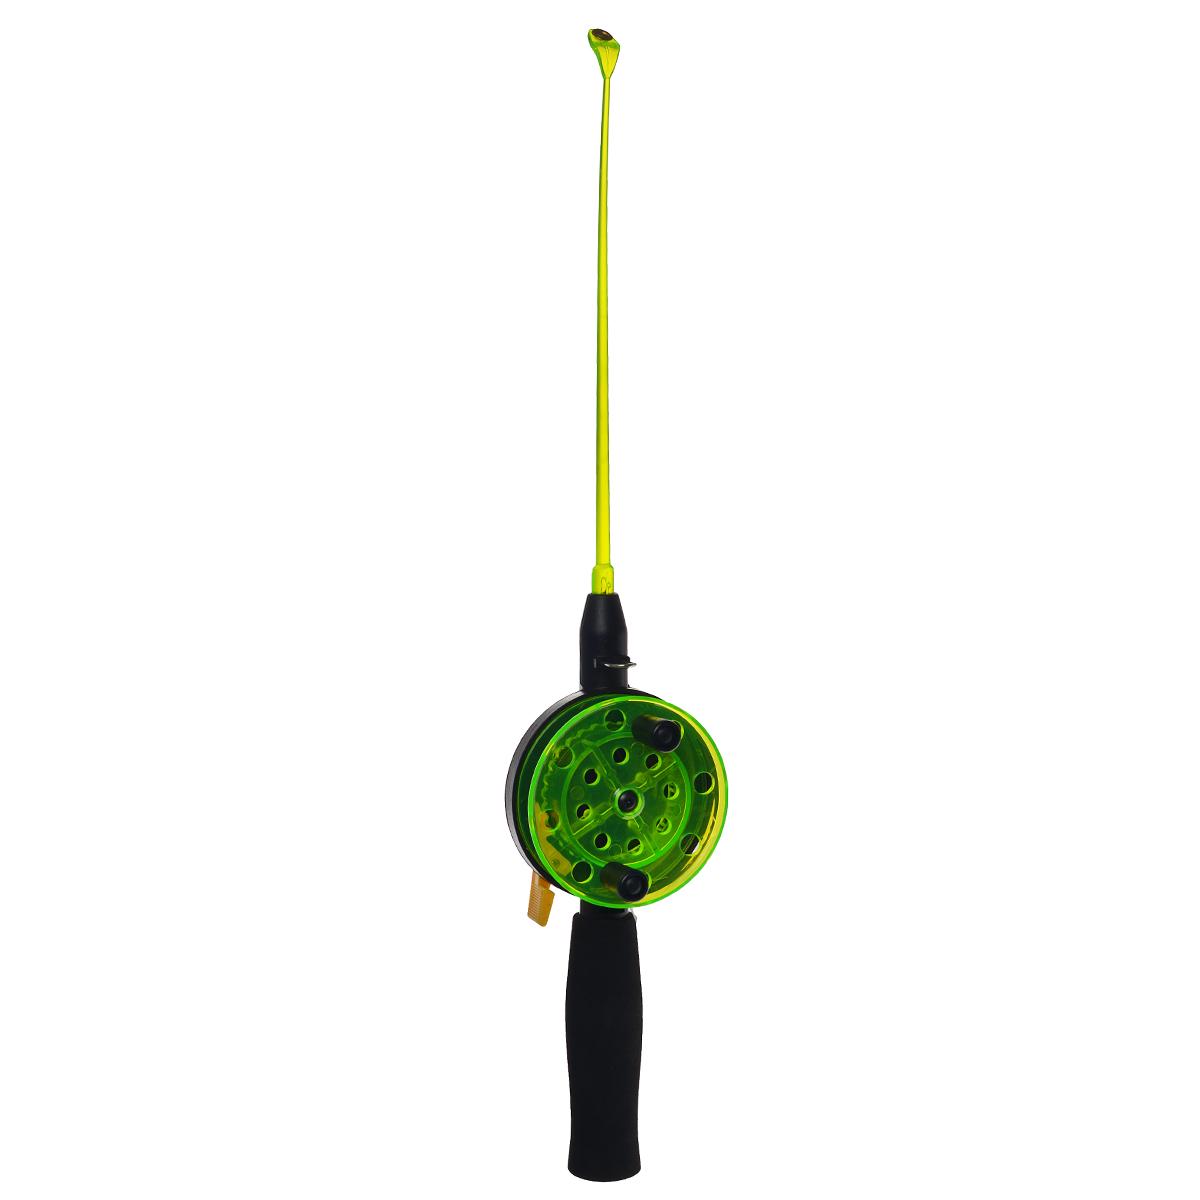 Удочка зимняя SWD HR201, цвет: черный, зеленый, 40 см